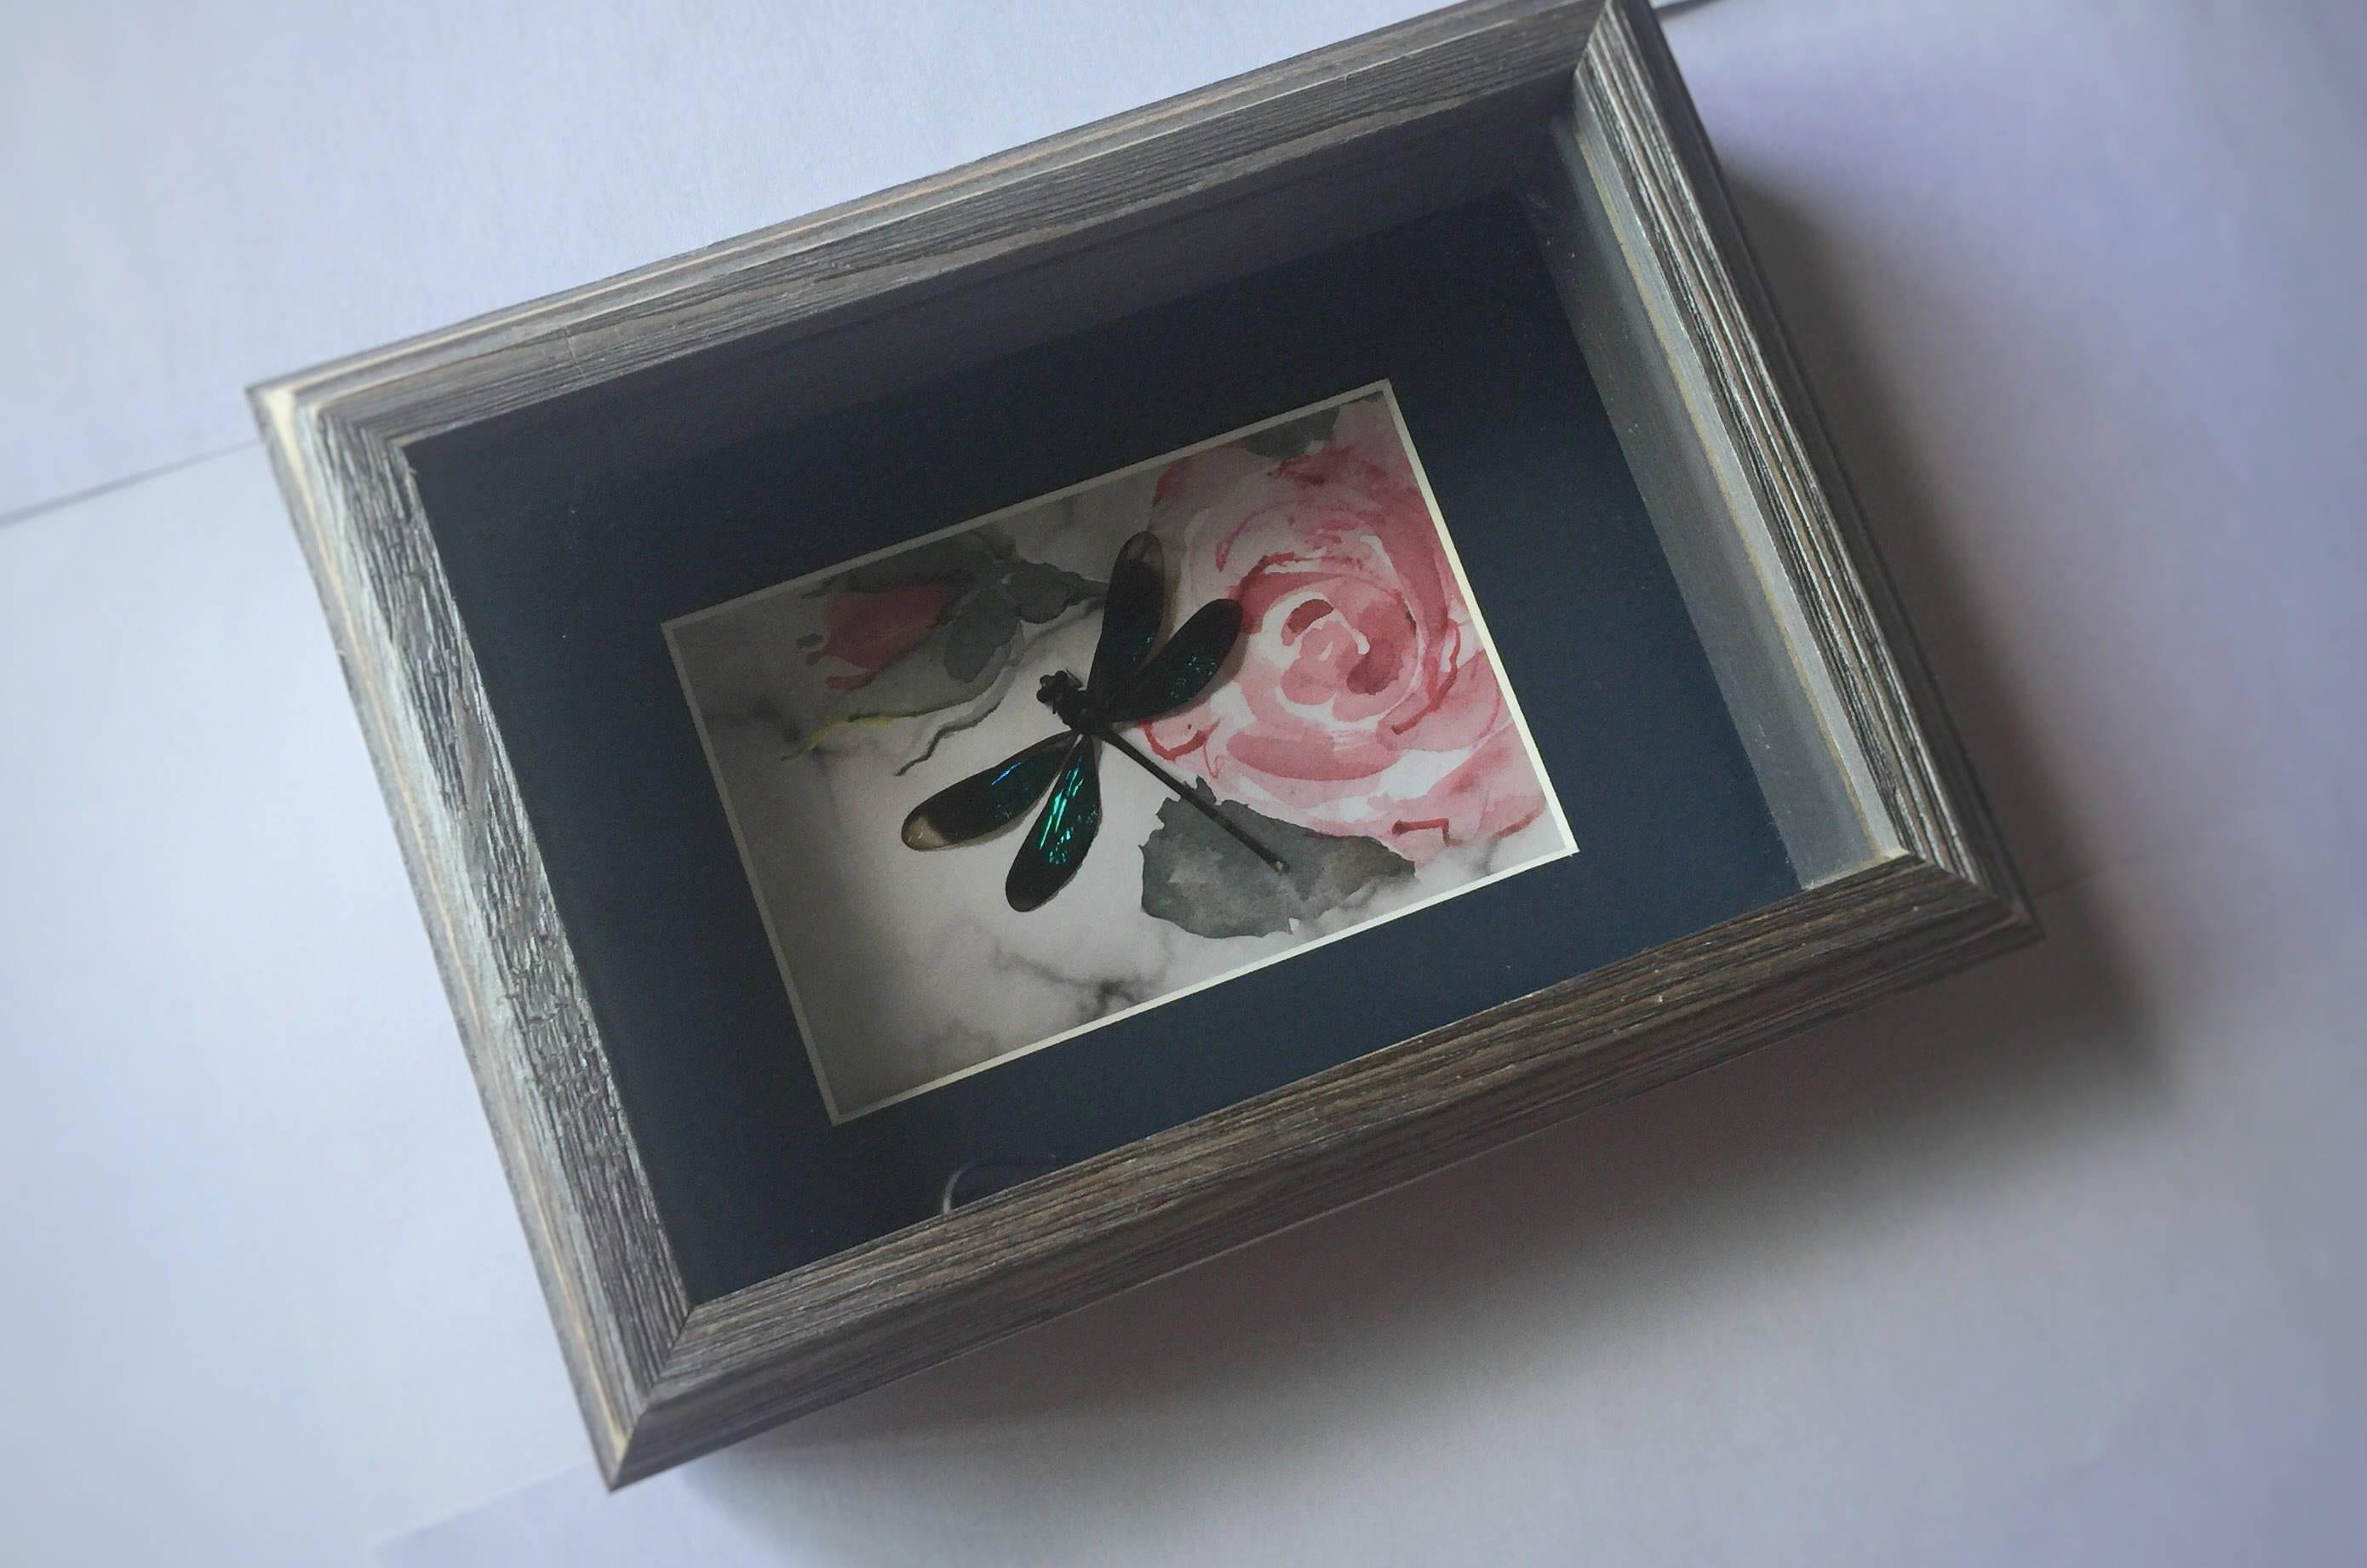 Enmarcado libélula libélula real arte insectos lepidópteros